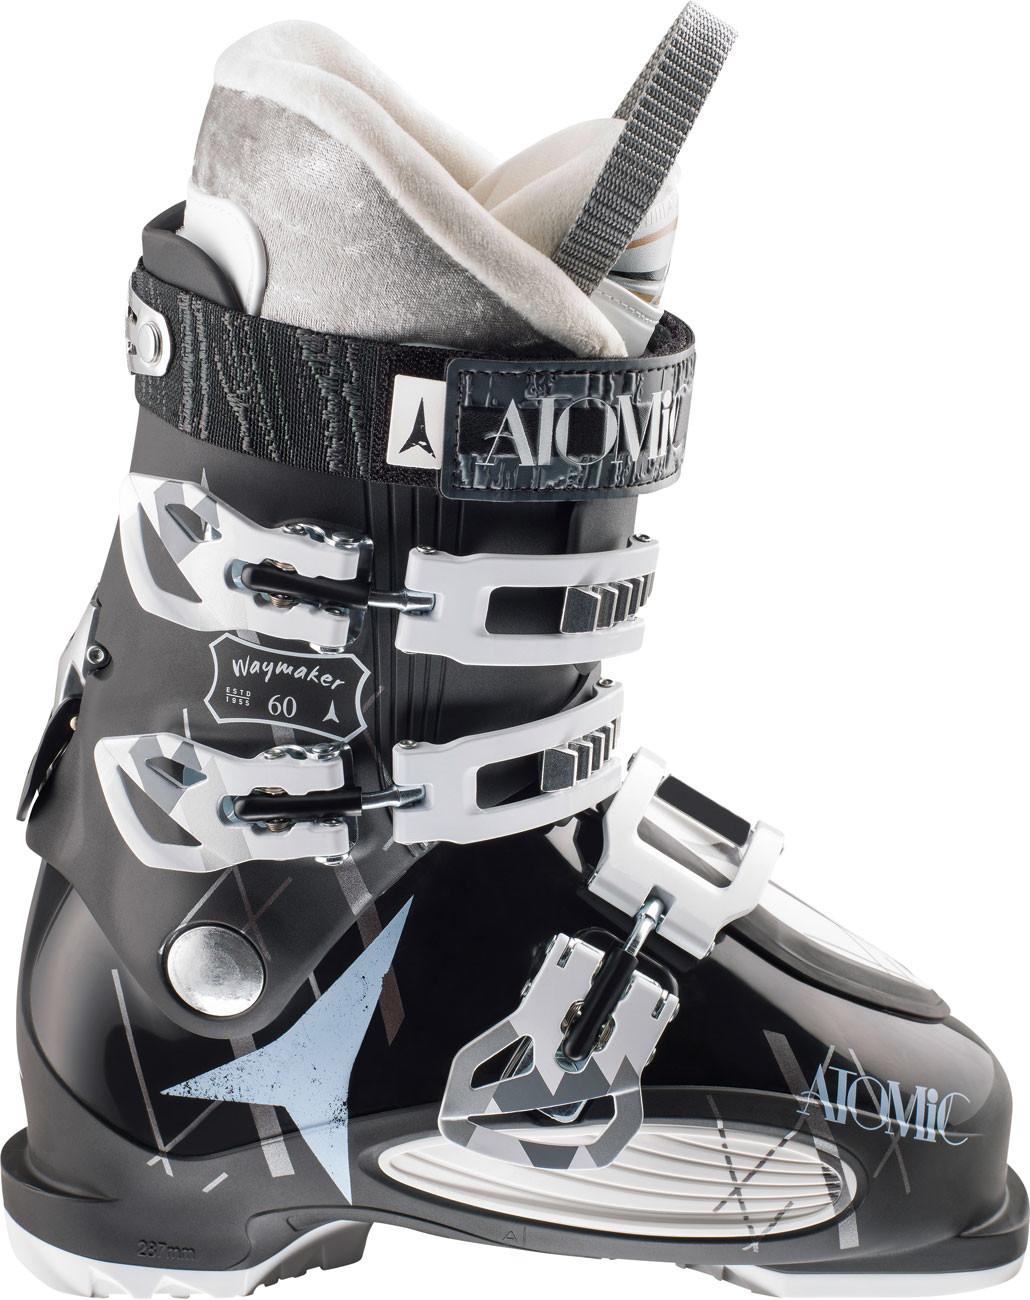 dámské lyžařské boty Atomic Waymaker 60 W » LyzeLyze.cz 8c15f25e35